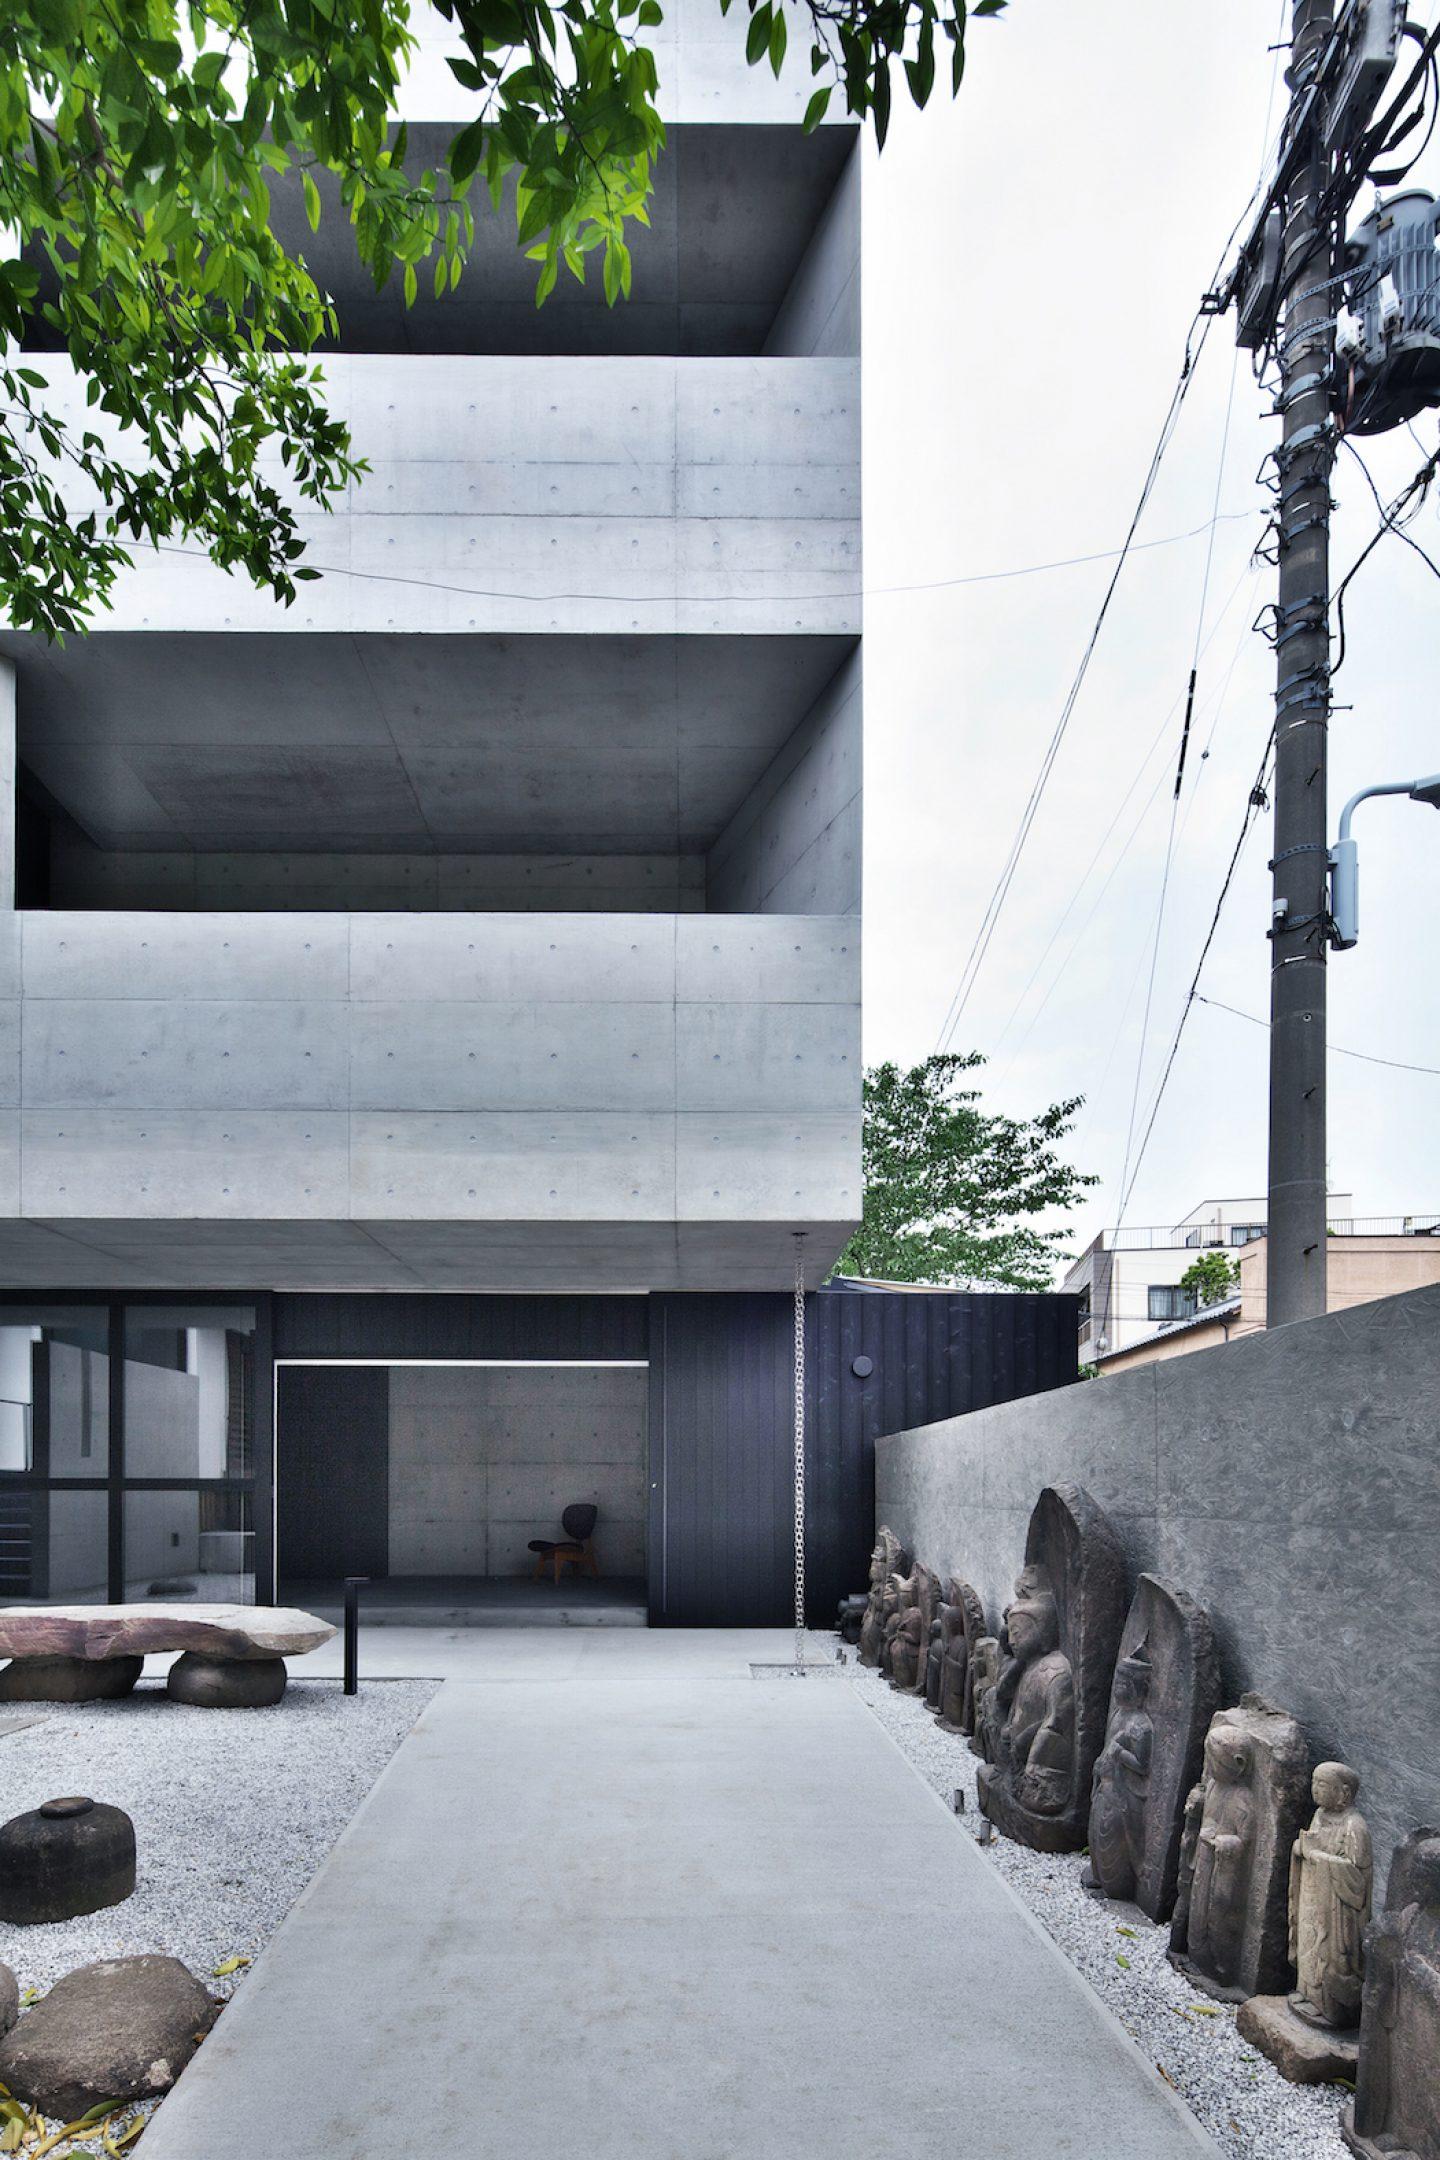 tsunyuji_architecture_002